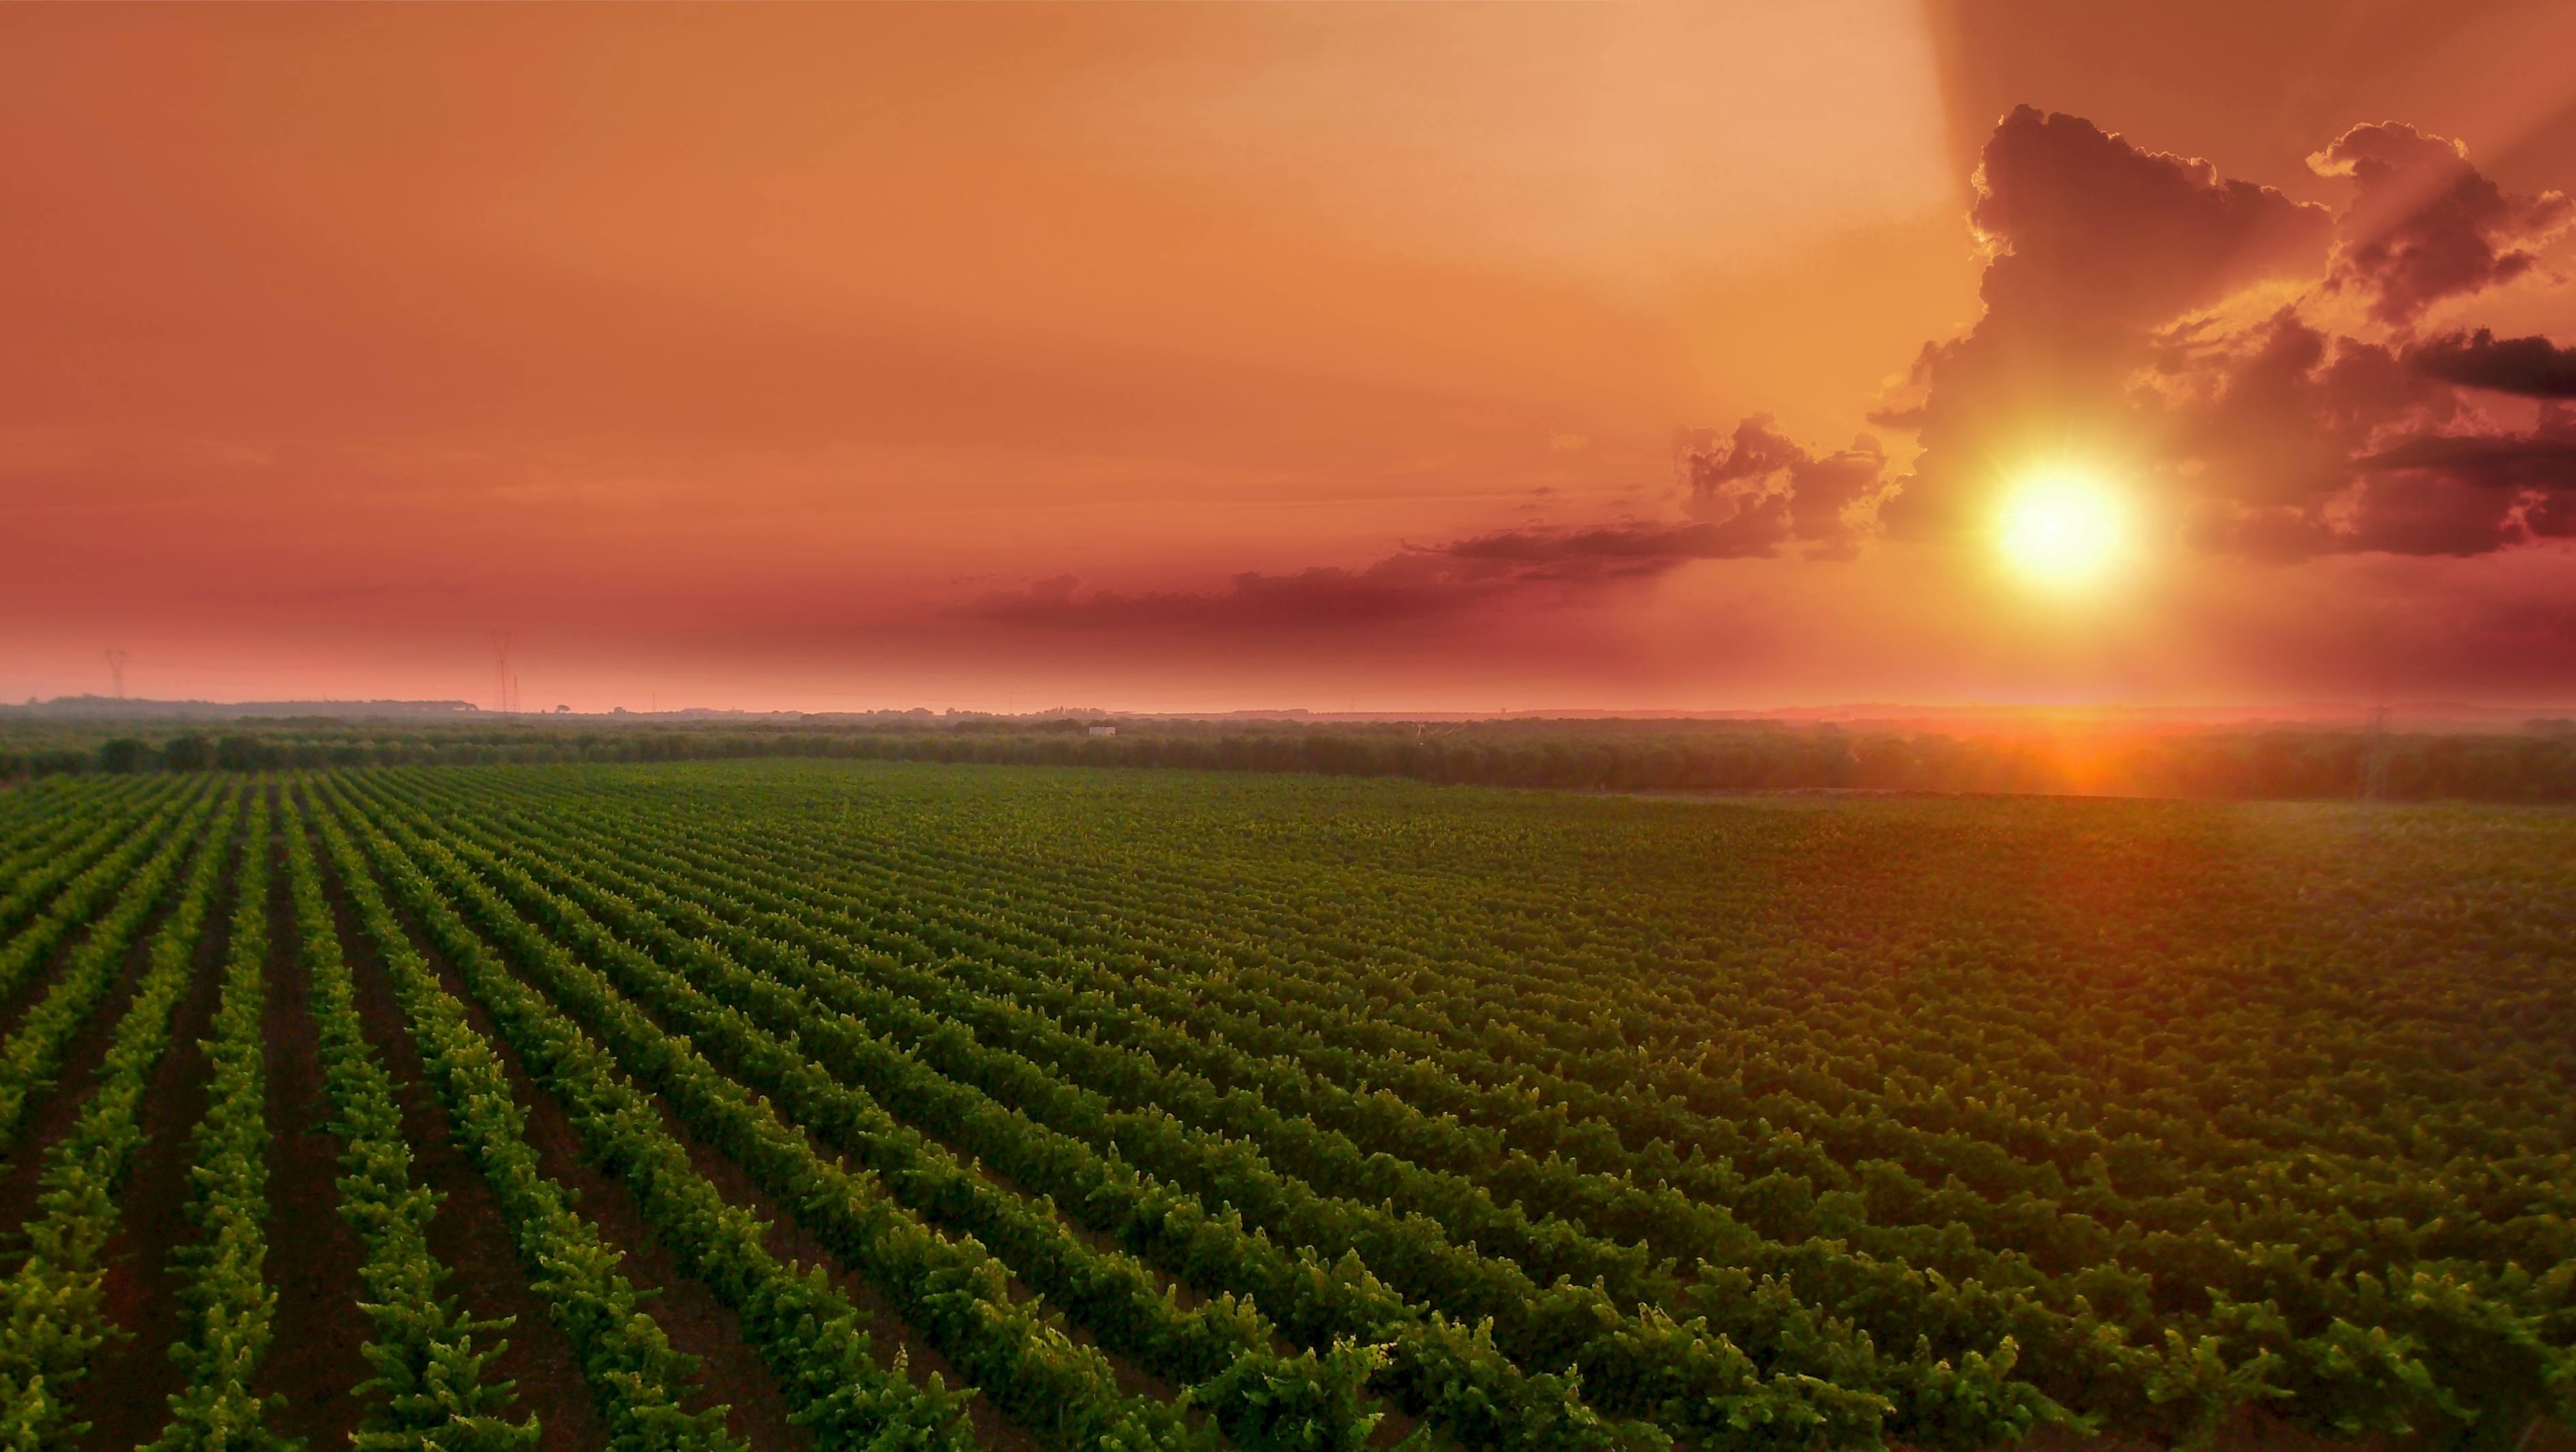 Vinmarker Paolo Leo Økologisk solnedgang